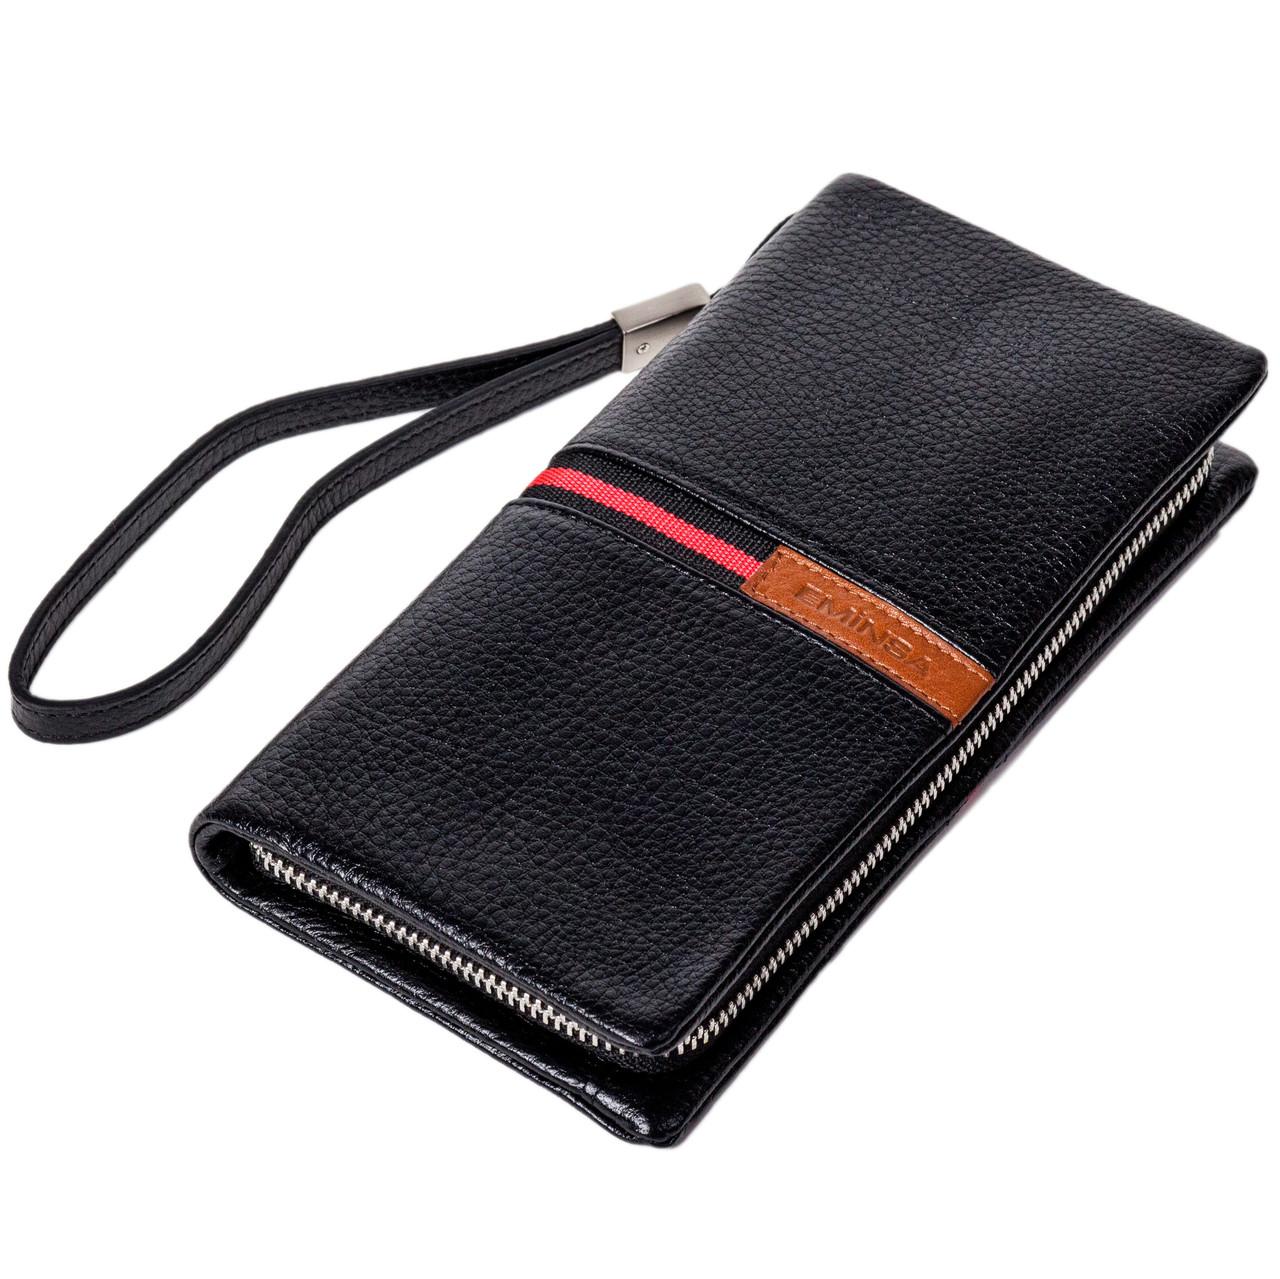 Мужской кошелек клатч Eminsa 5113-37-1 кожаный черный